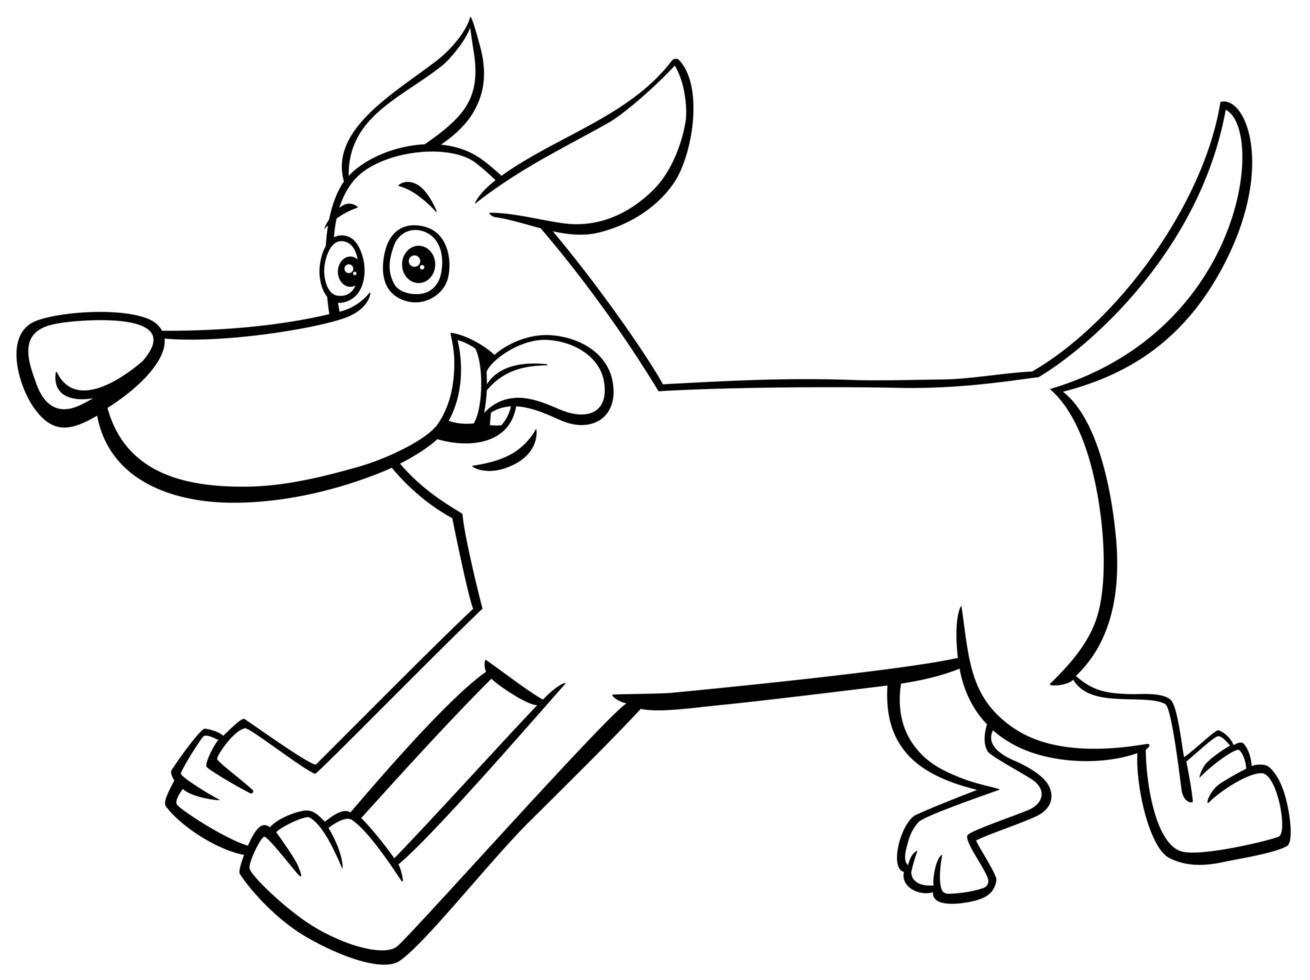 Feliz perro corriendo personaje libro para colorear página vector